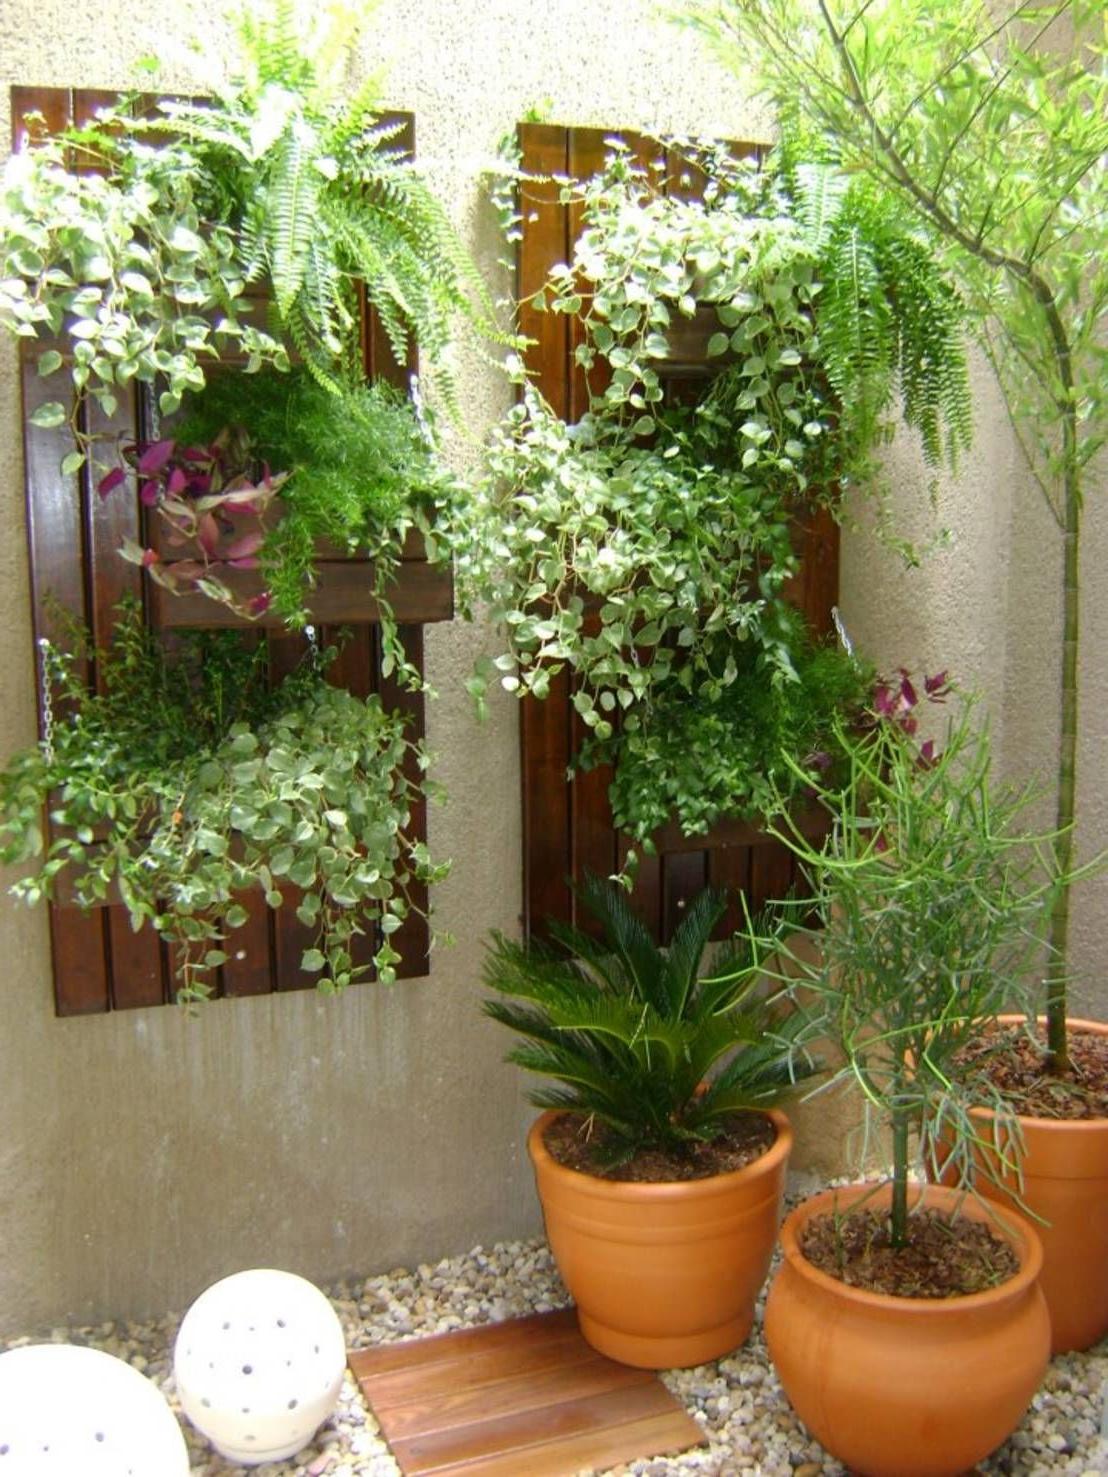 Déco jardin - une étagère avec des fleurs